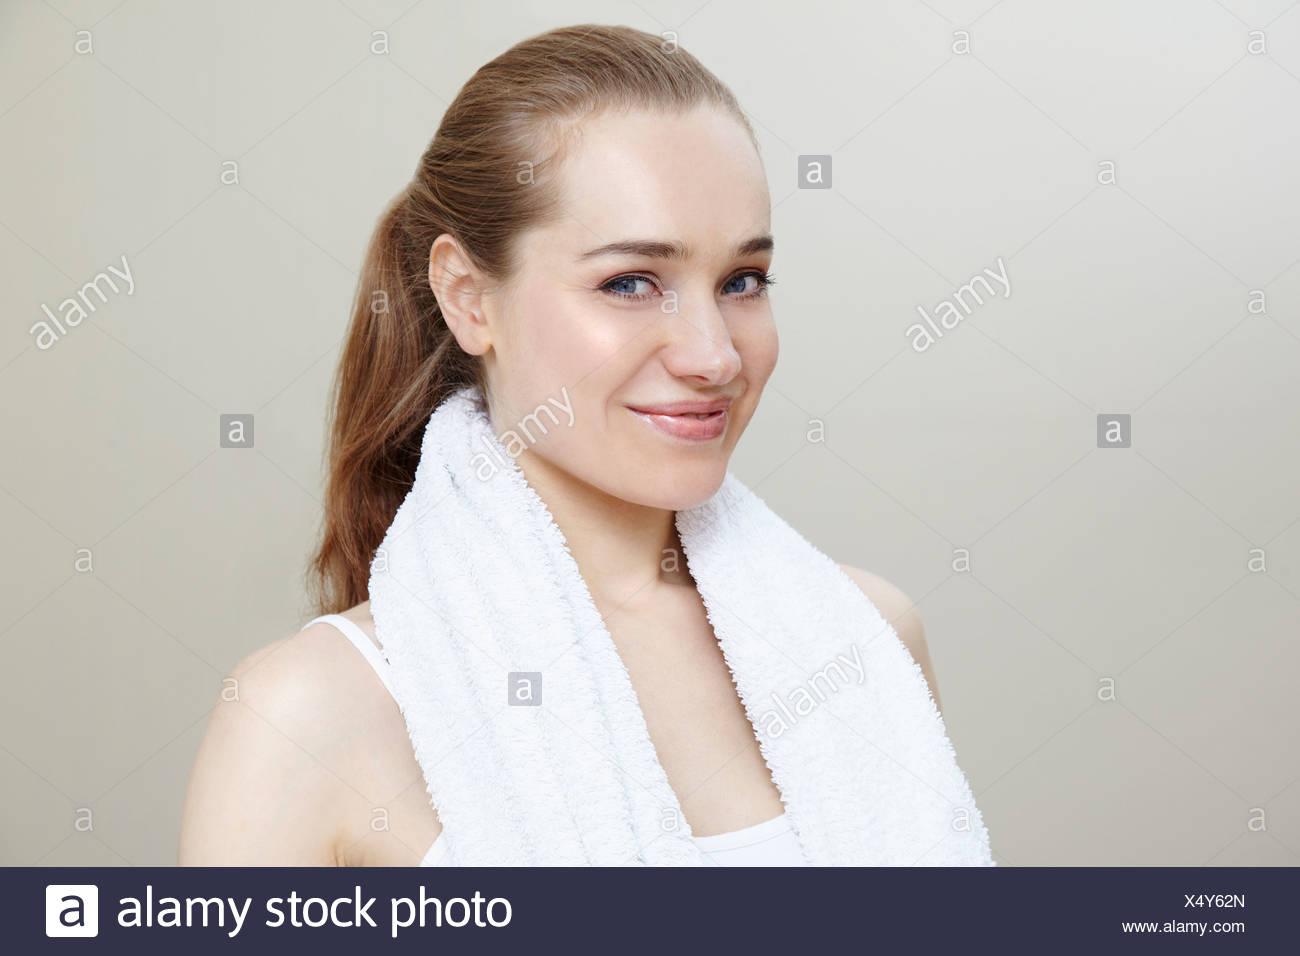 Femme portant une serviette autour du cou Photo Stock